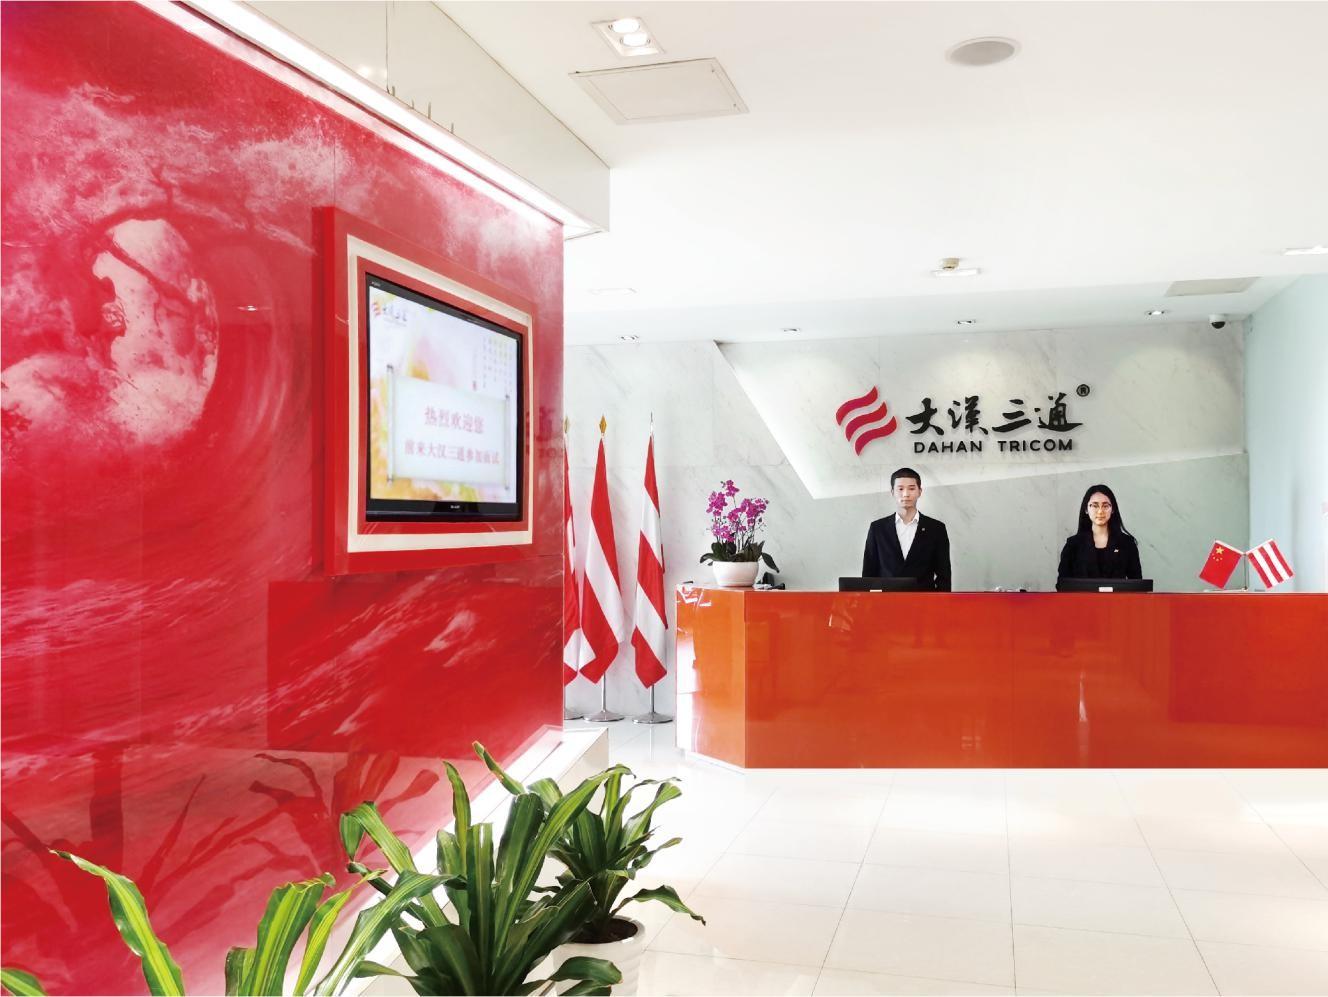 科技领航 坚定启程:大汉三通汉武际5G RCS+战略发布